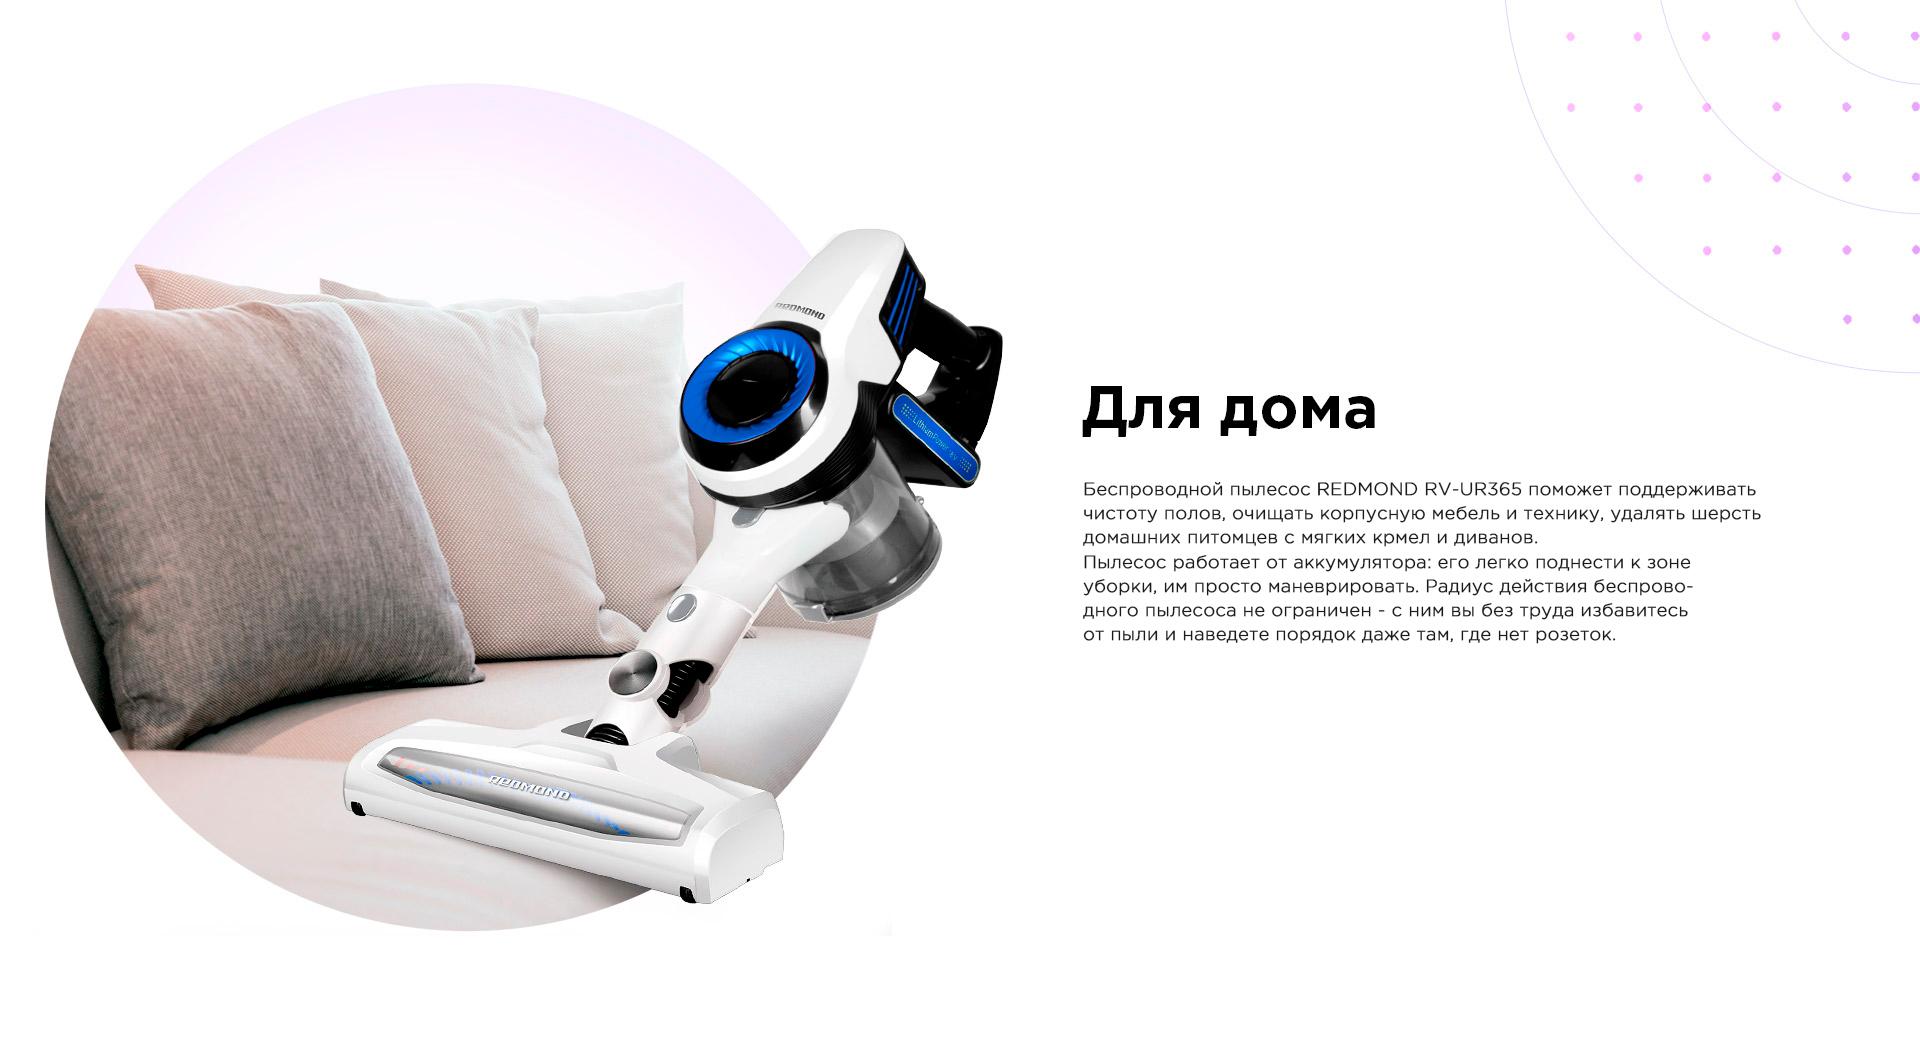 Беспроводной пылесос дайсон цена спб профессиональные фены дайсон в москве